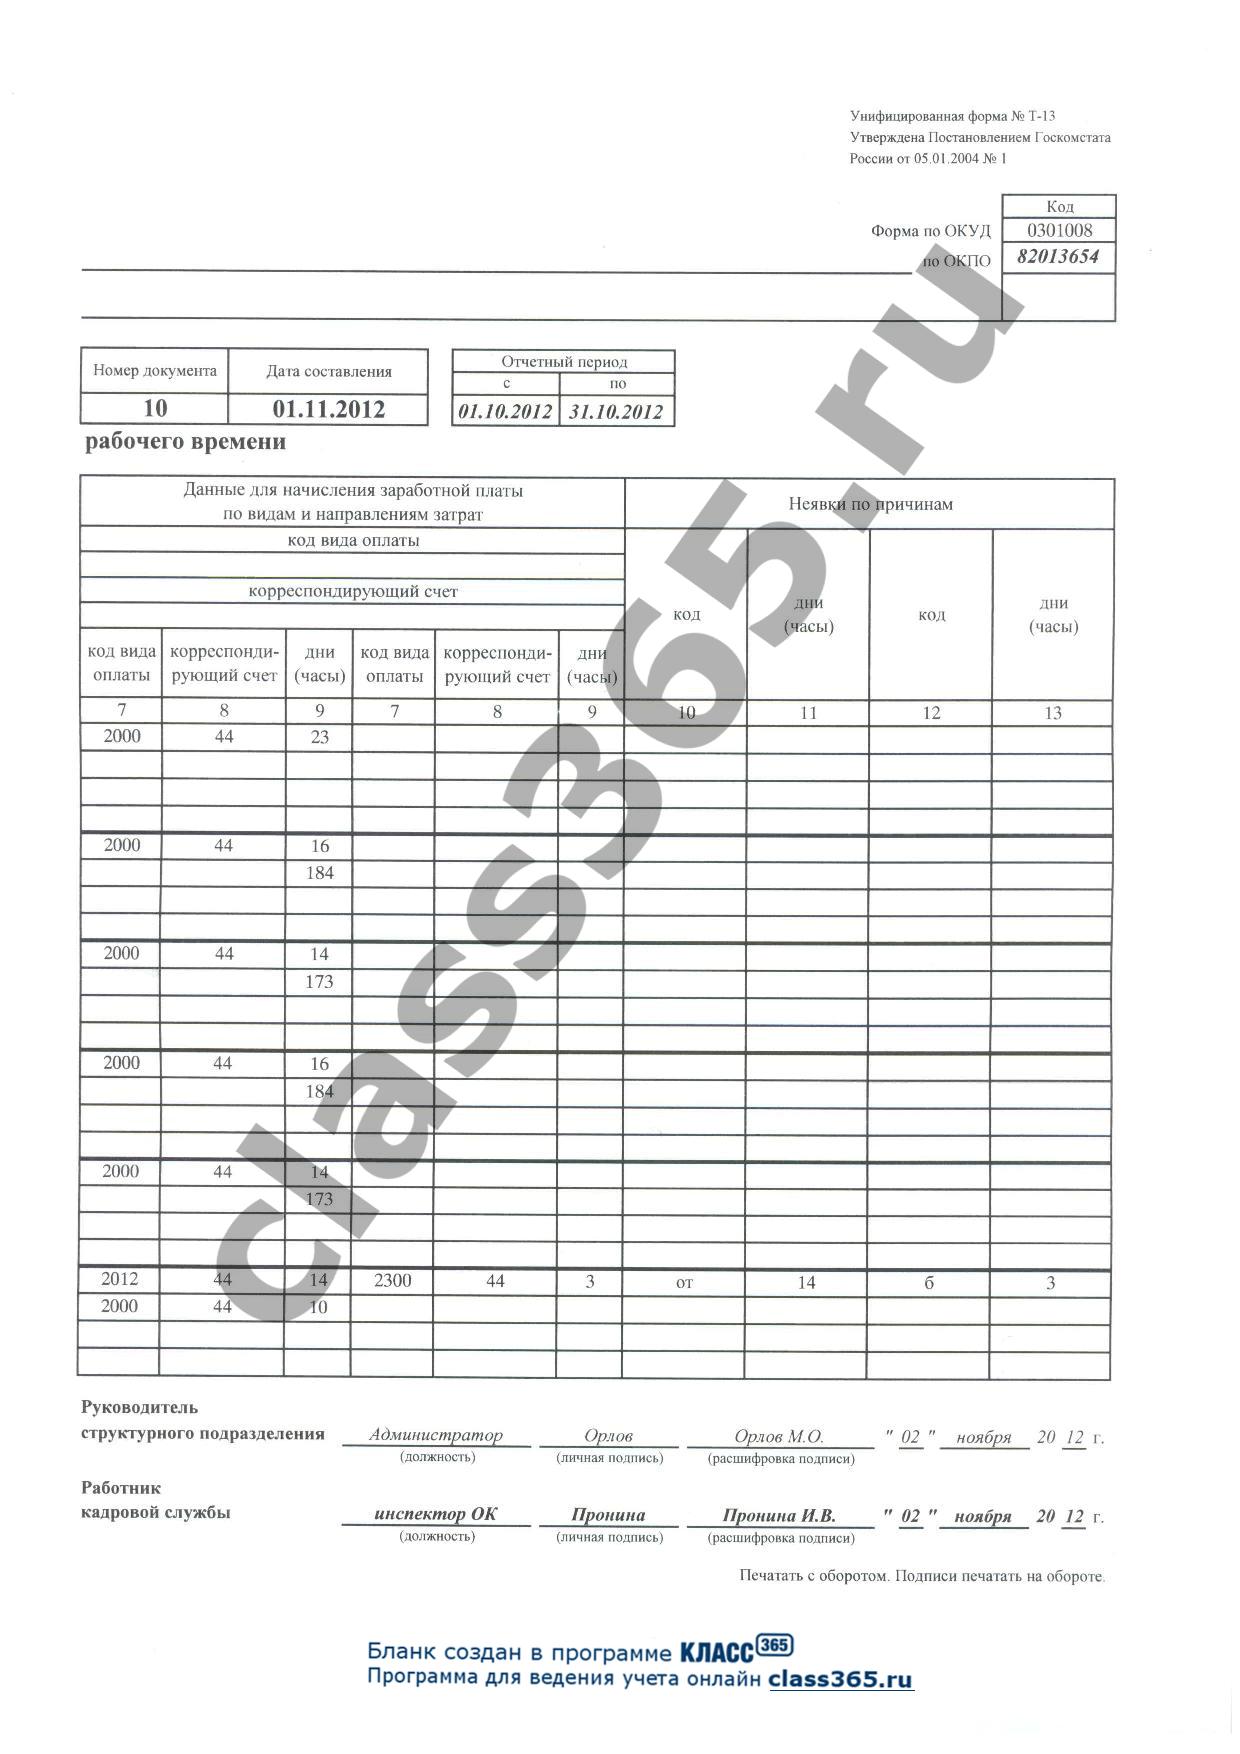 унифицированная форма т-13 бланк табель учета рабочего времени